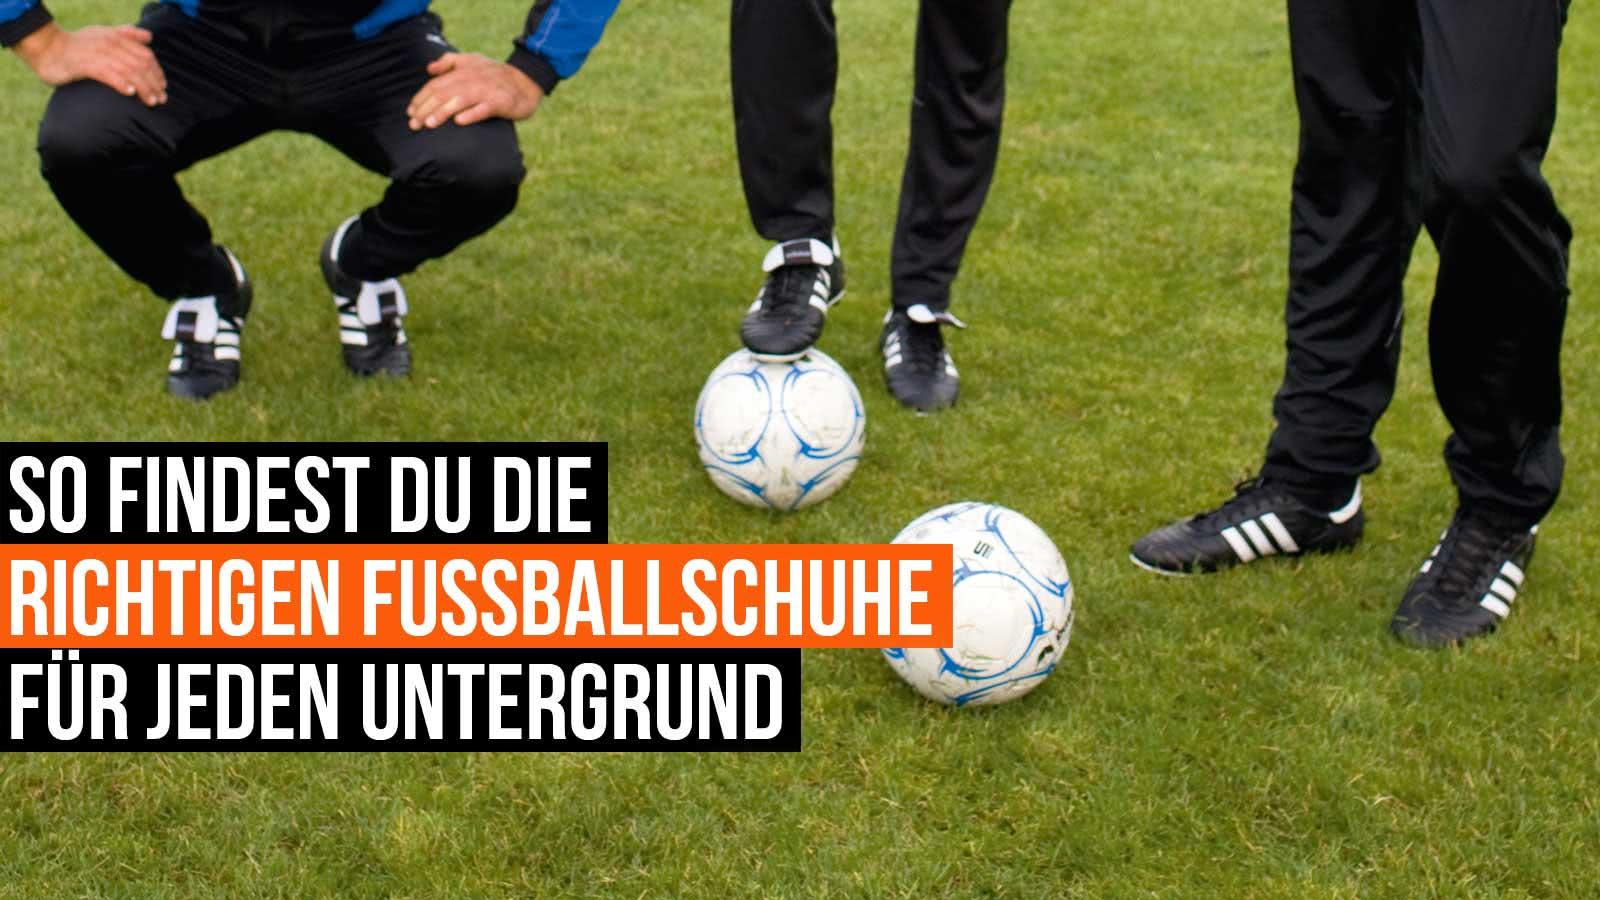 die Richtigen Fußballschuhe (Sohle) für jeden Untergrund.